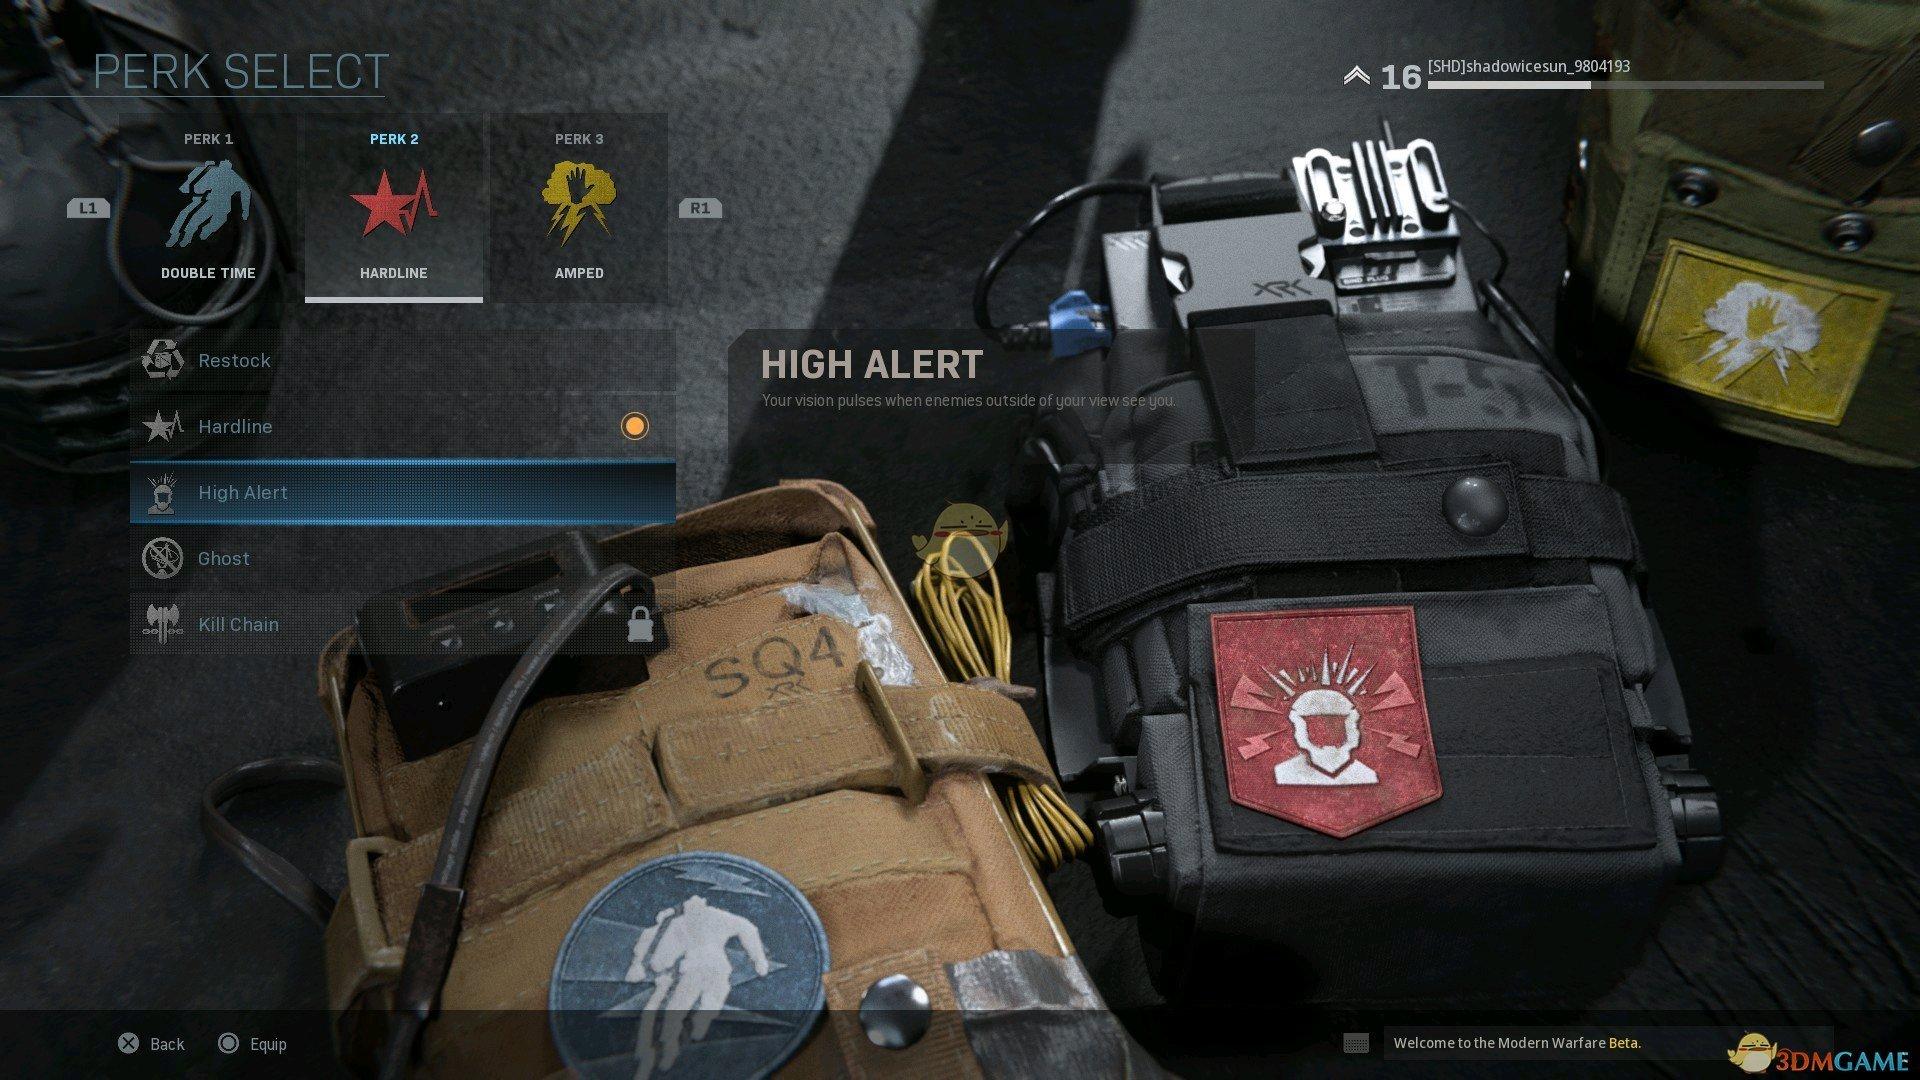 《使命召唤16:现代战争》高度警戒技能效果介绍